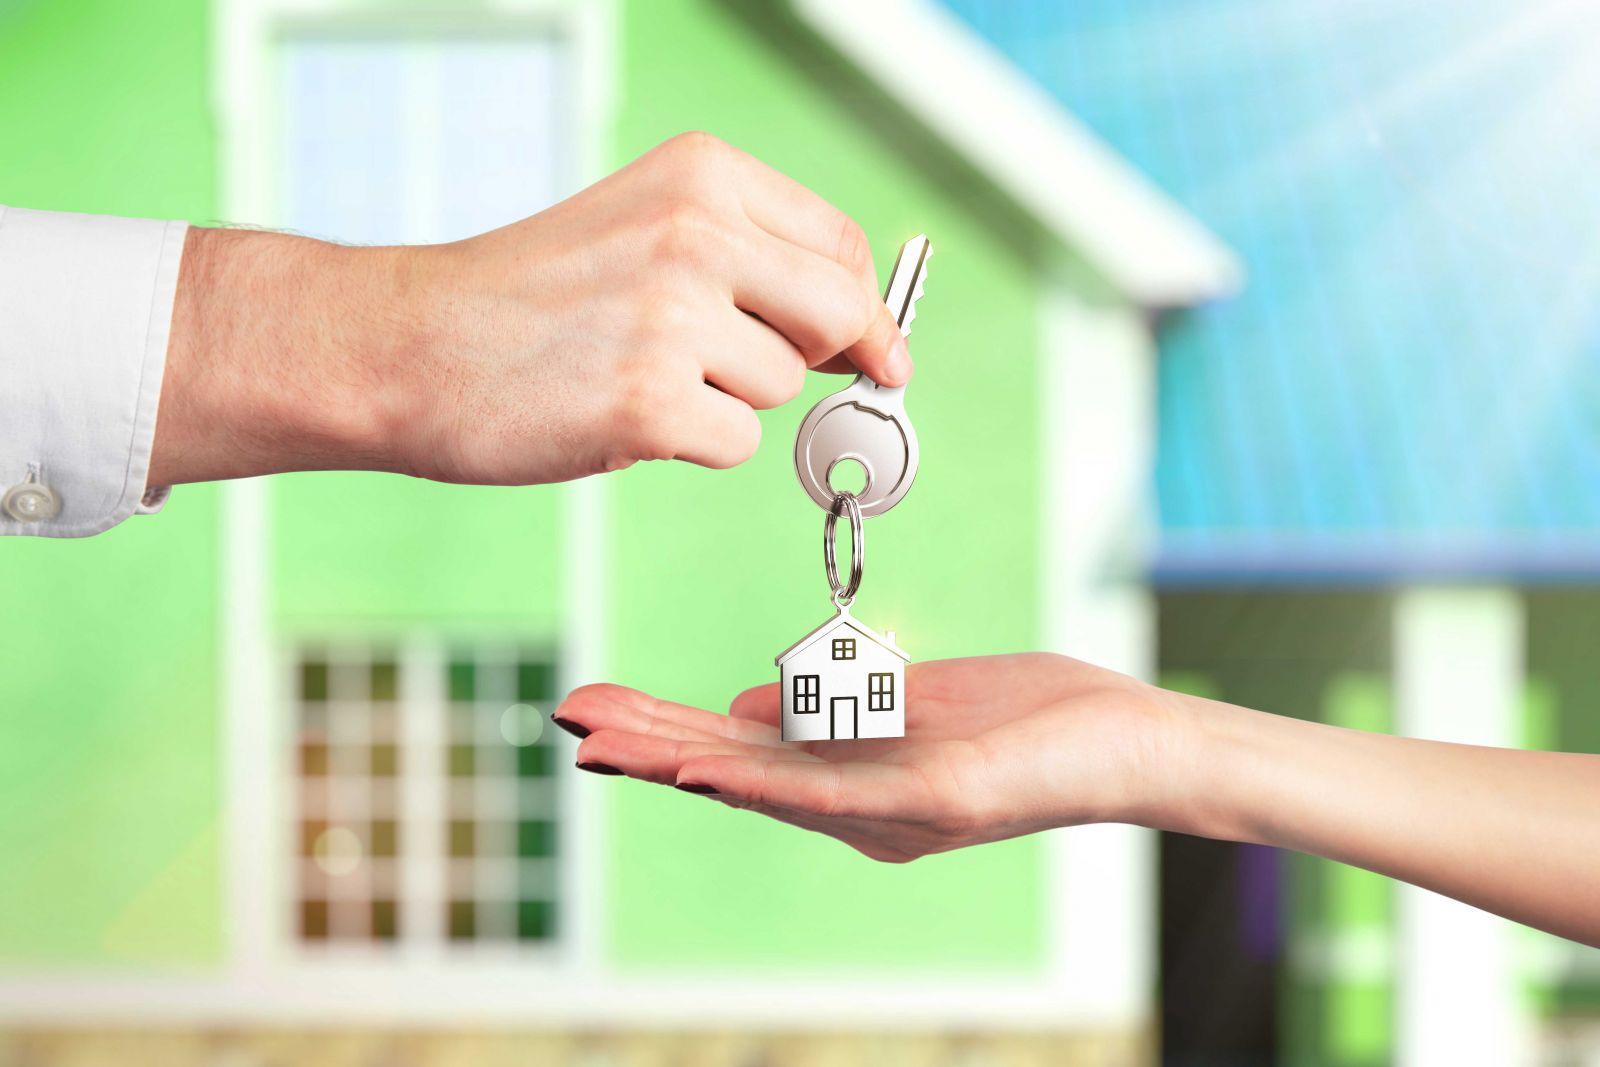 Объемы ипотечных кредитов увеличились на 30% по сравнению с прошлым годом